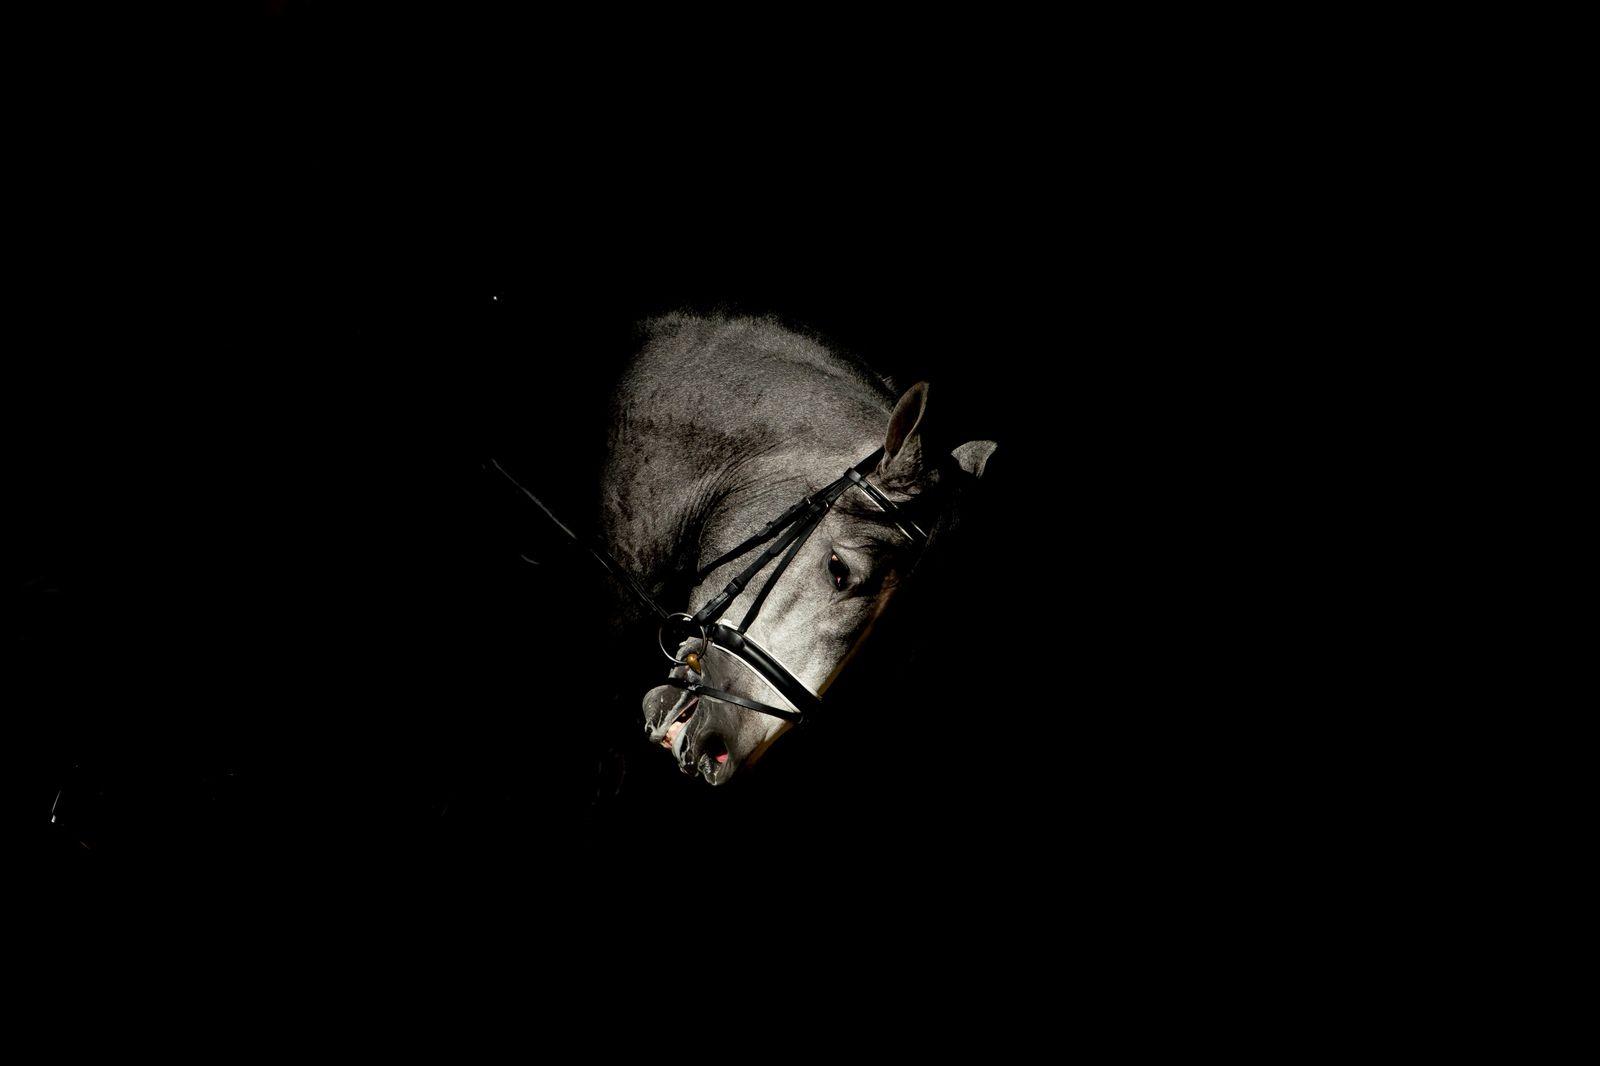 SICAB Equestrian Trade Show, Seville, Spain - 13 Nov 2018